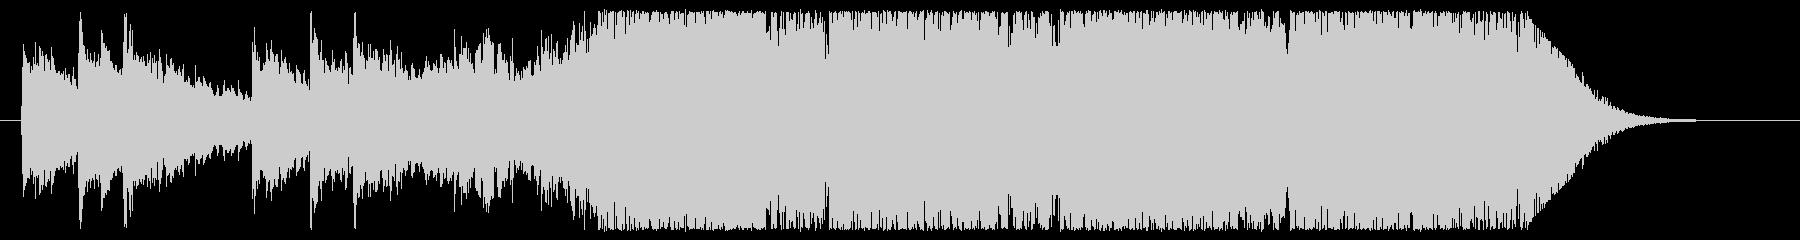 夜のネオンを連想させる近代的な音楽の未再生の波形